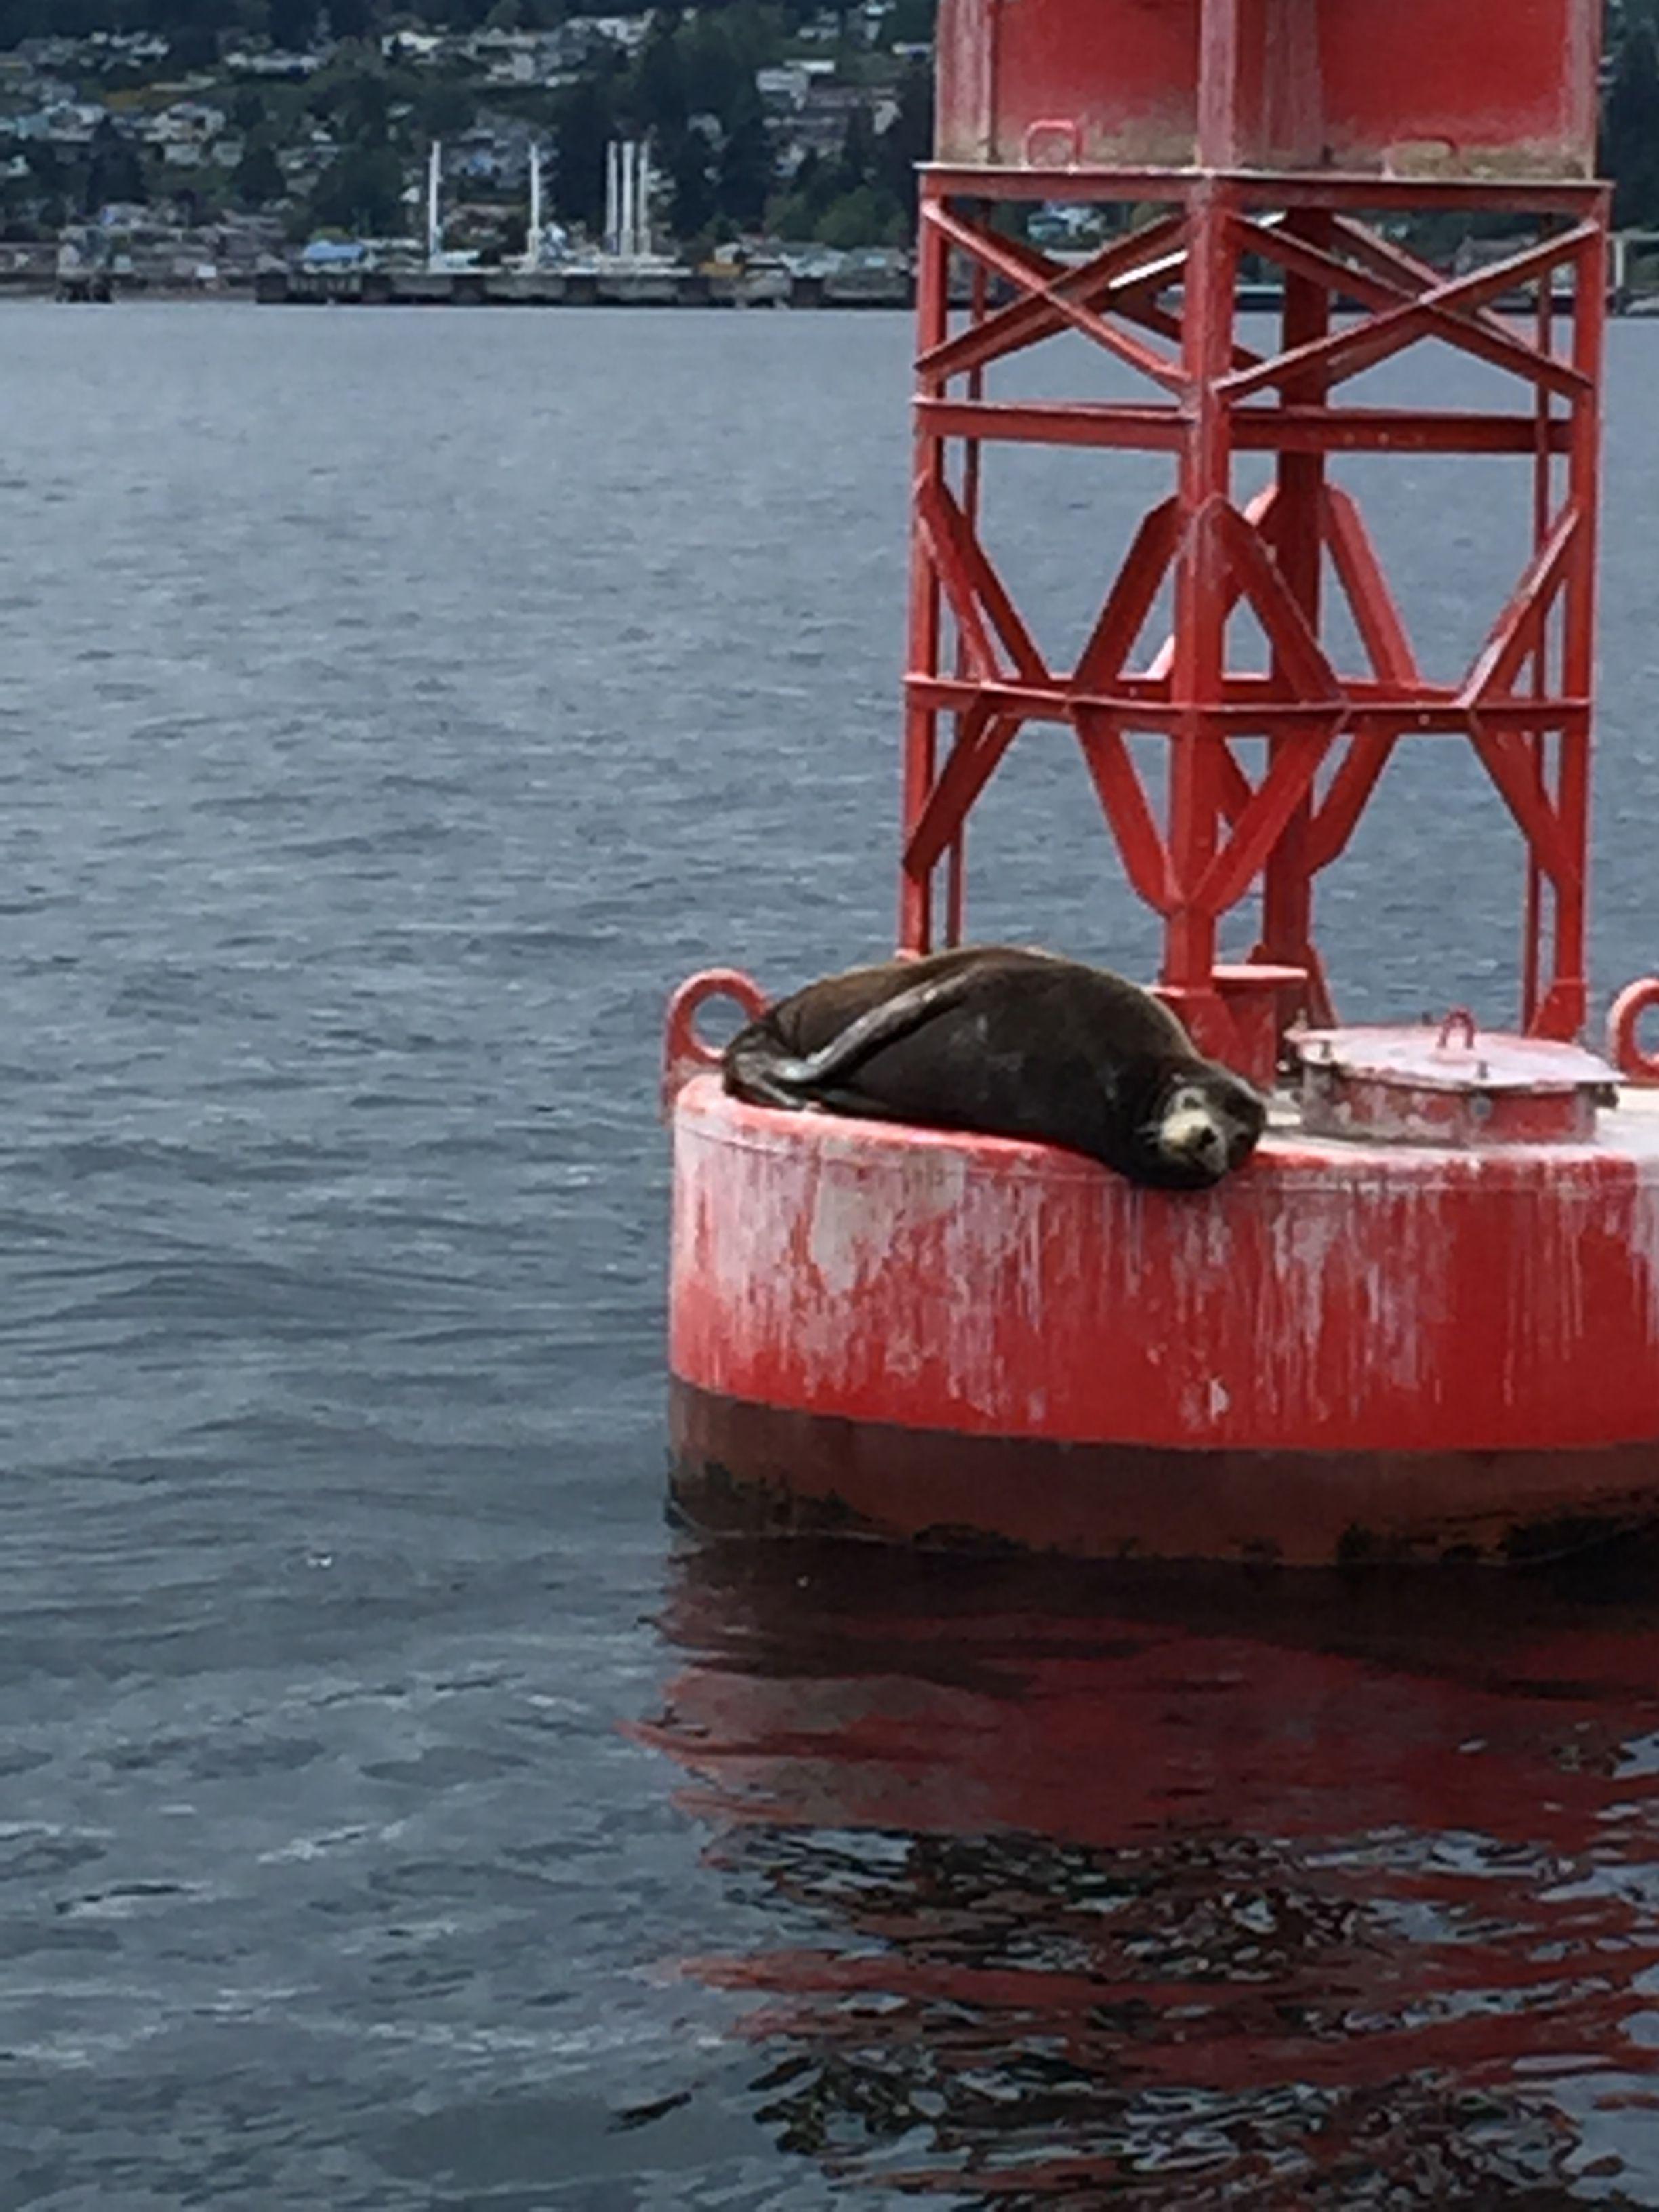 Pin von Marlani Hewett auf Puget Sound Fishing   Pinterest